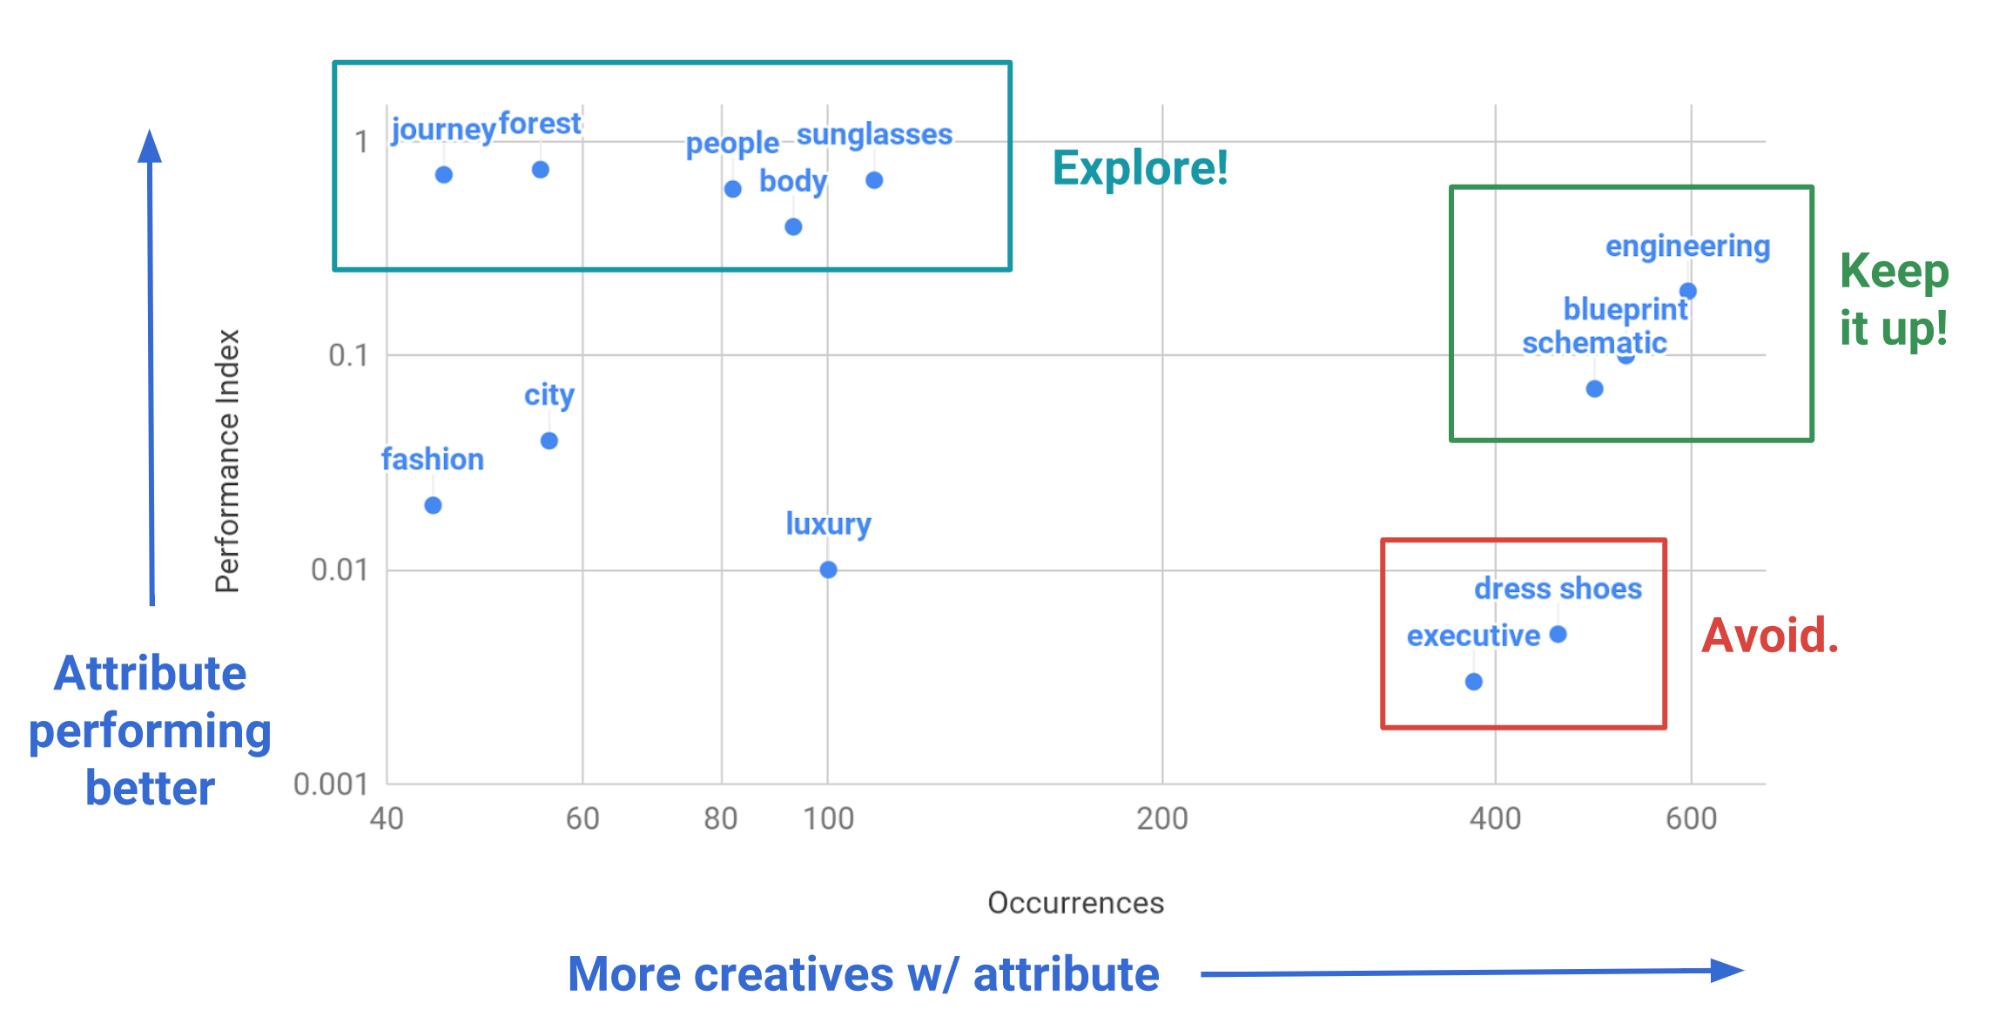 grafo en el que se muestra la cantidad de apariciones de una etiqueta en comparación con el índice de rendimiento de la creatividad